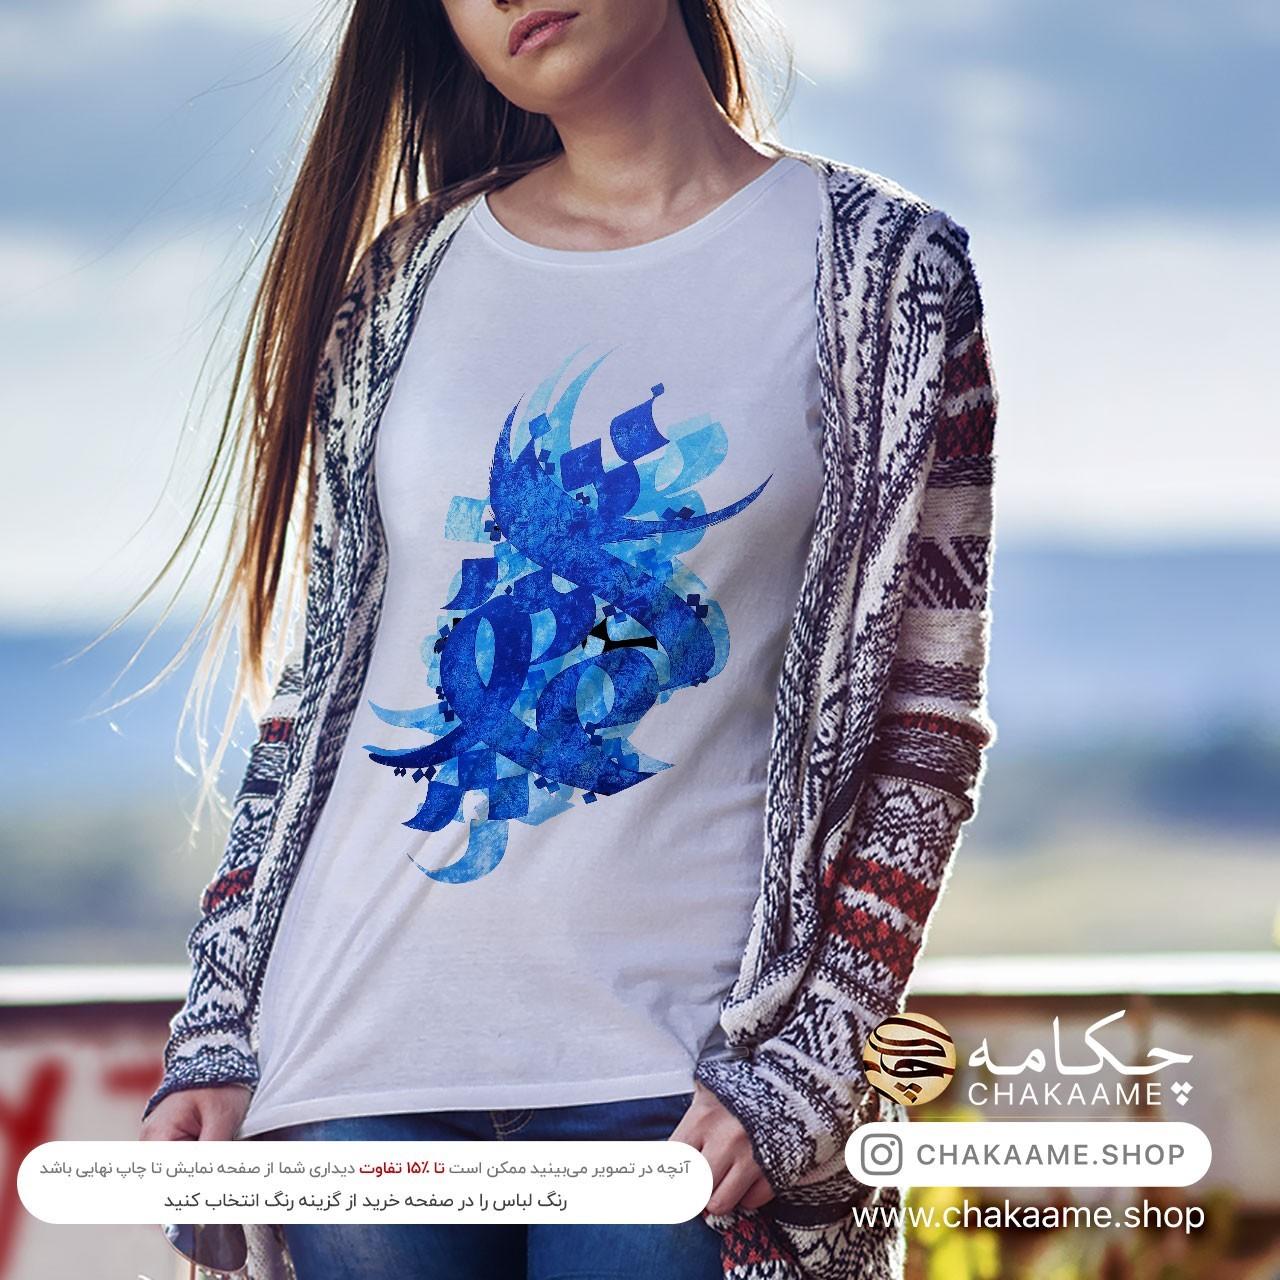 تی شرت طرح نقاشیخط کد 23